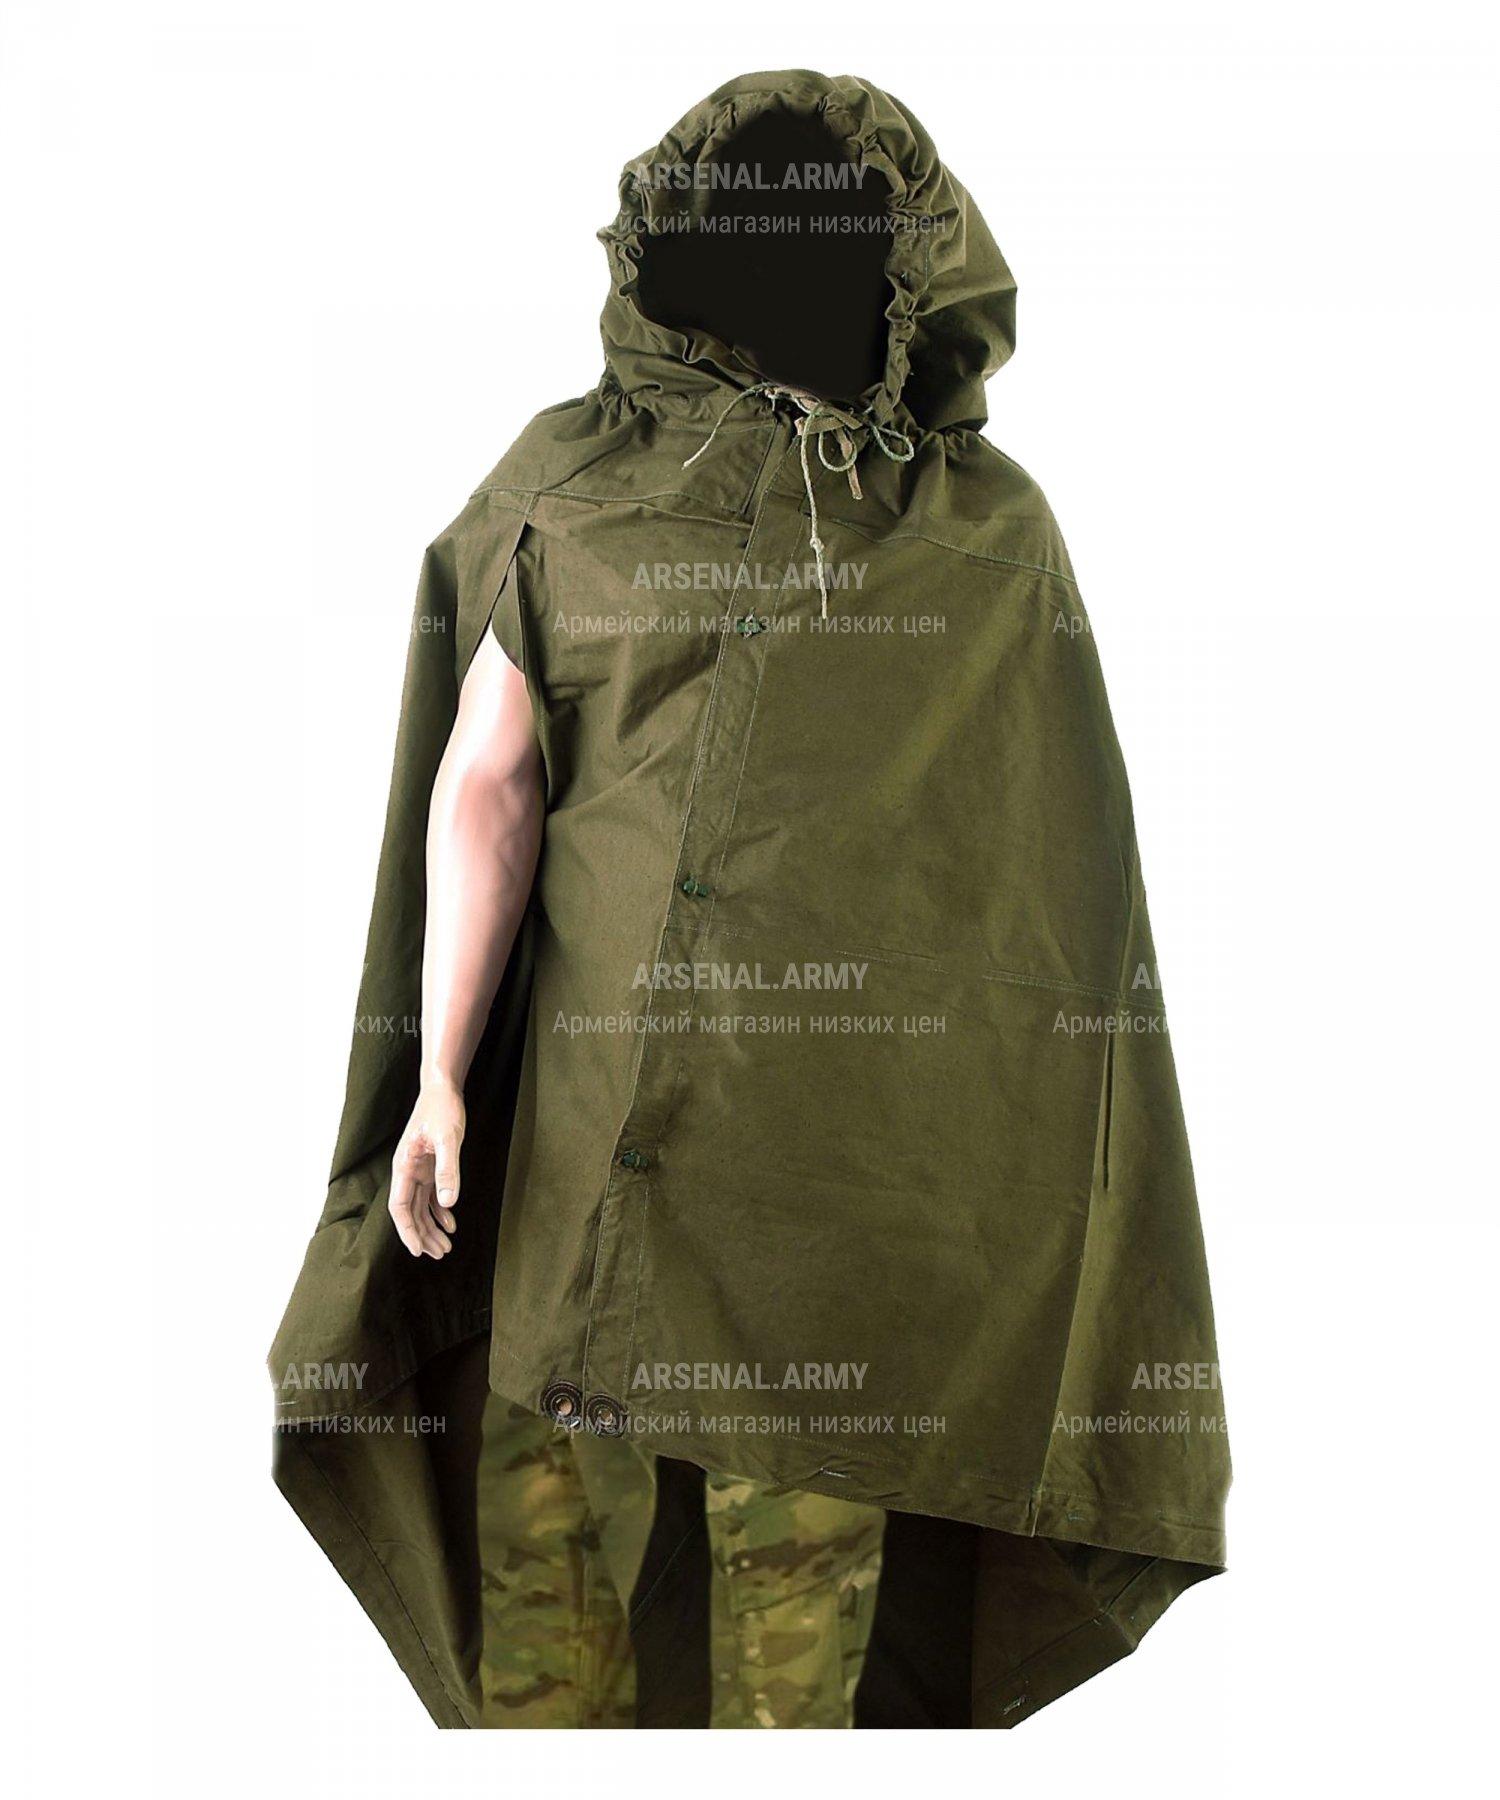 Плащ-палатка солдатская